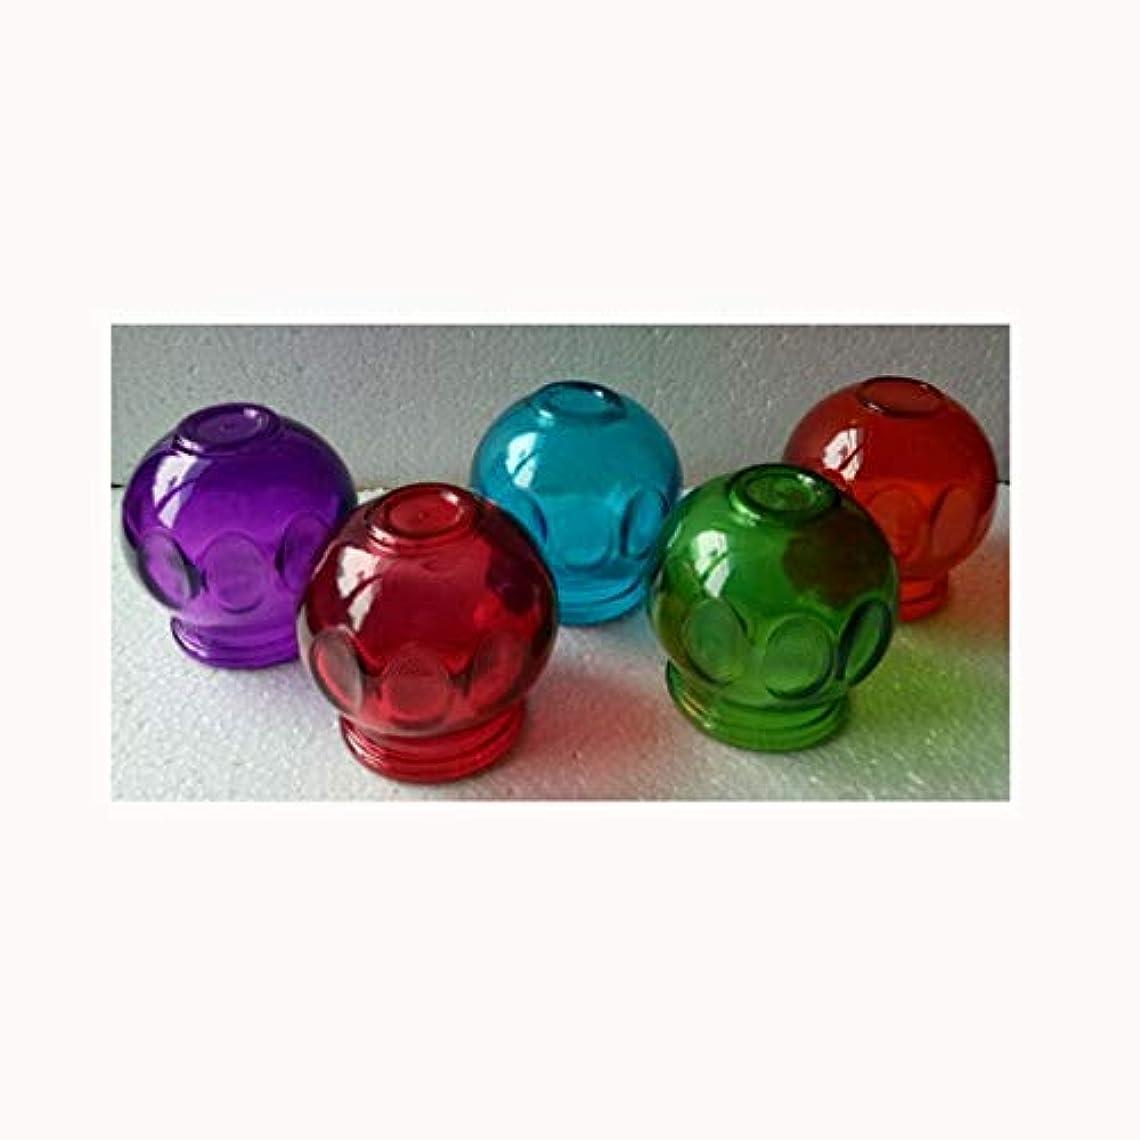 ロンドン端末平和な5pcs伝統的な中国の手作り5色のガラスのカッピングは、火のカッピングを設定する